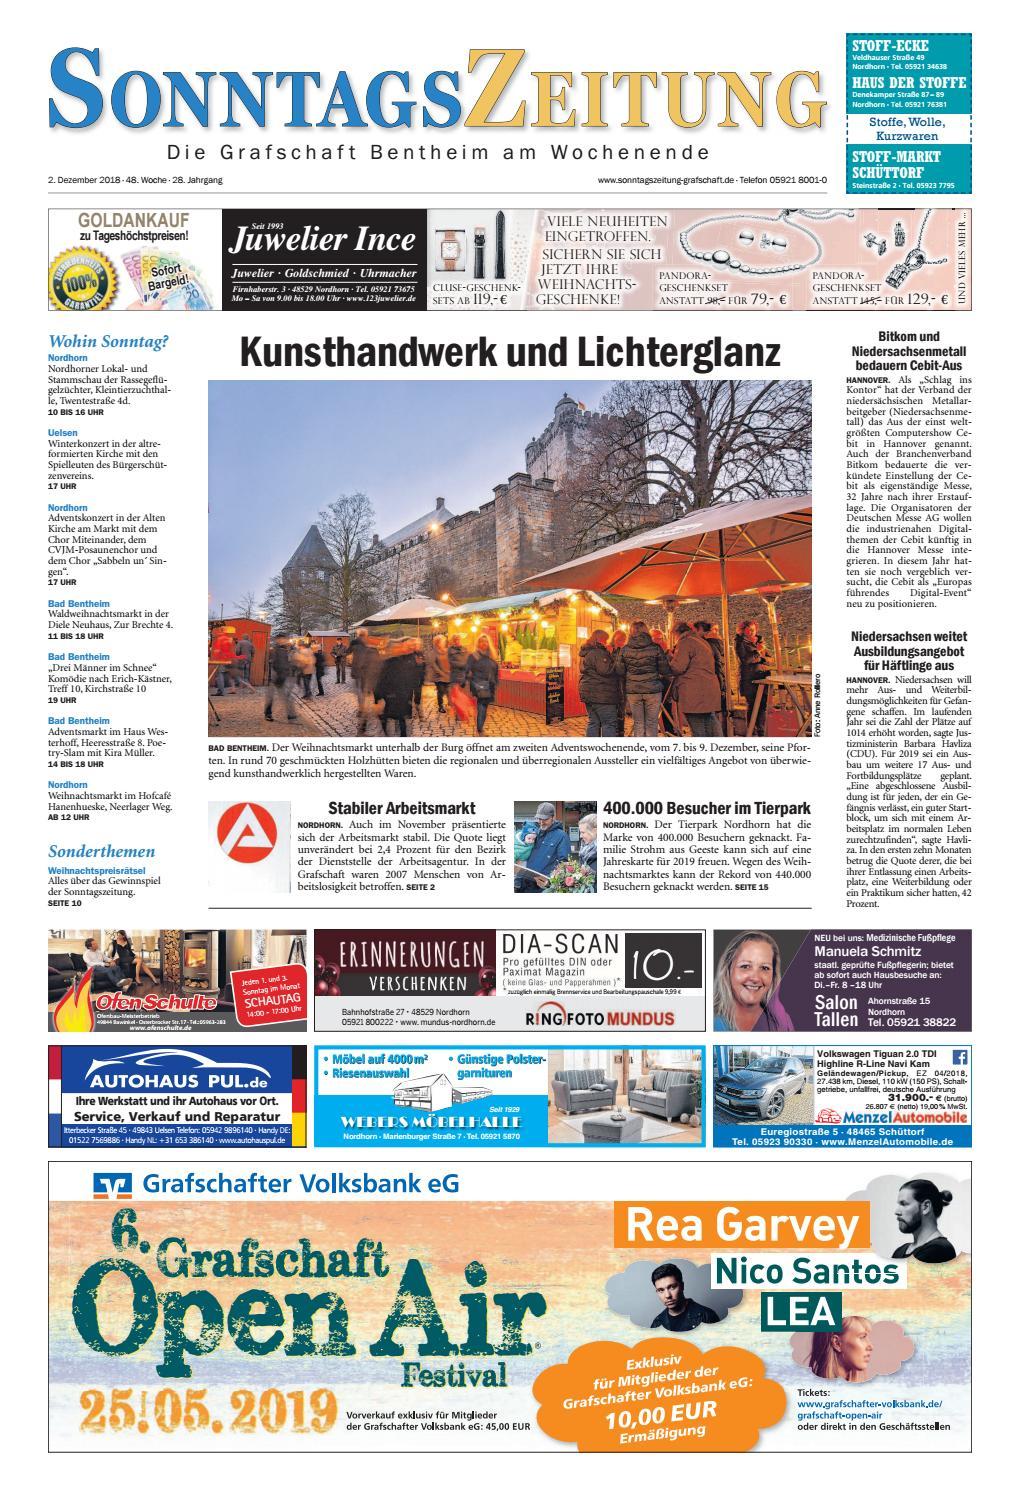 Sonntagszeitung02 12 2018 By Grafschafter Nachrichten Issuu